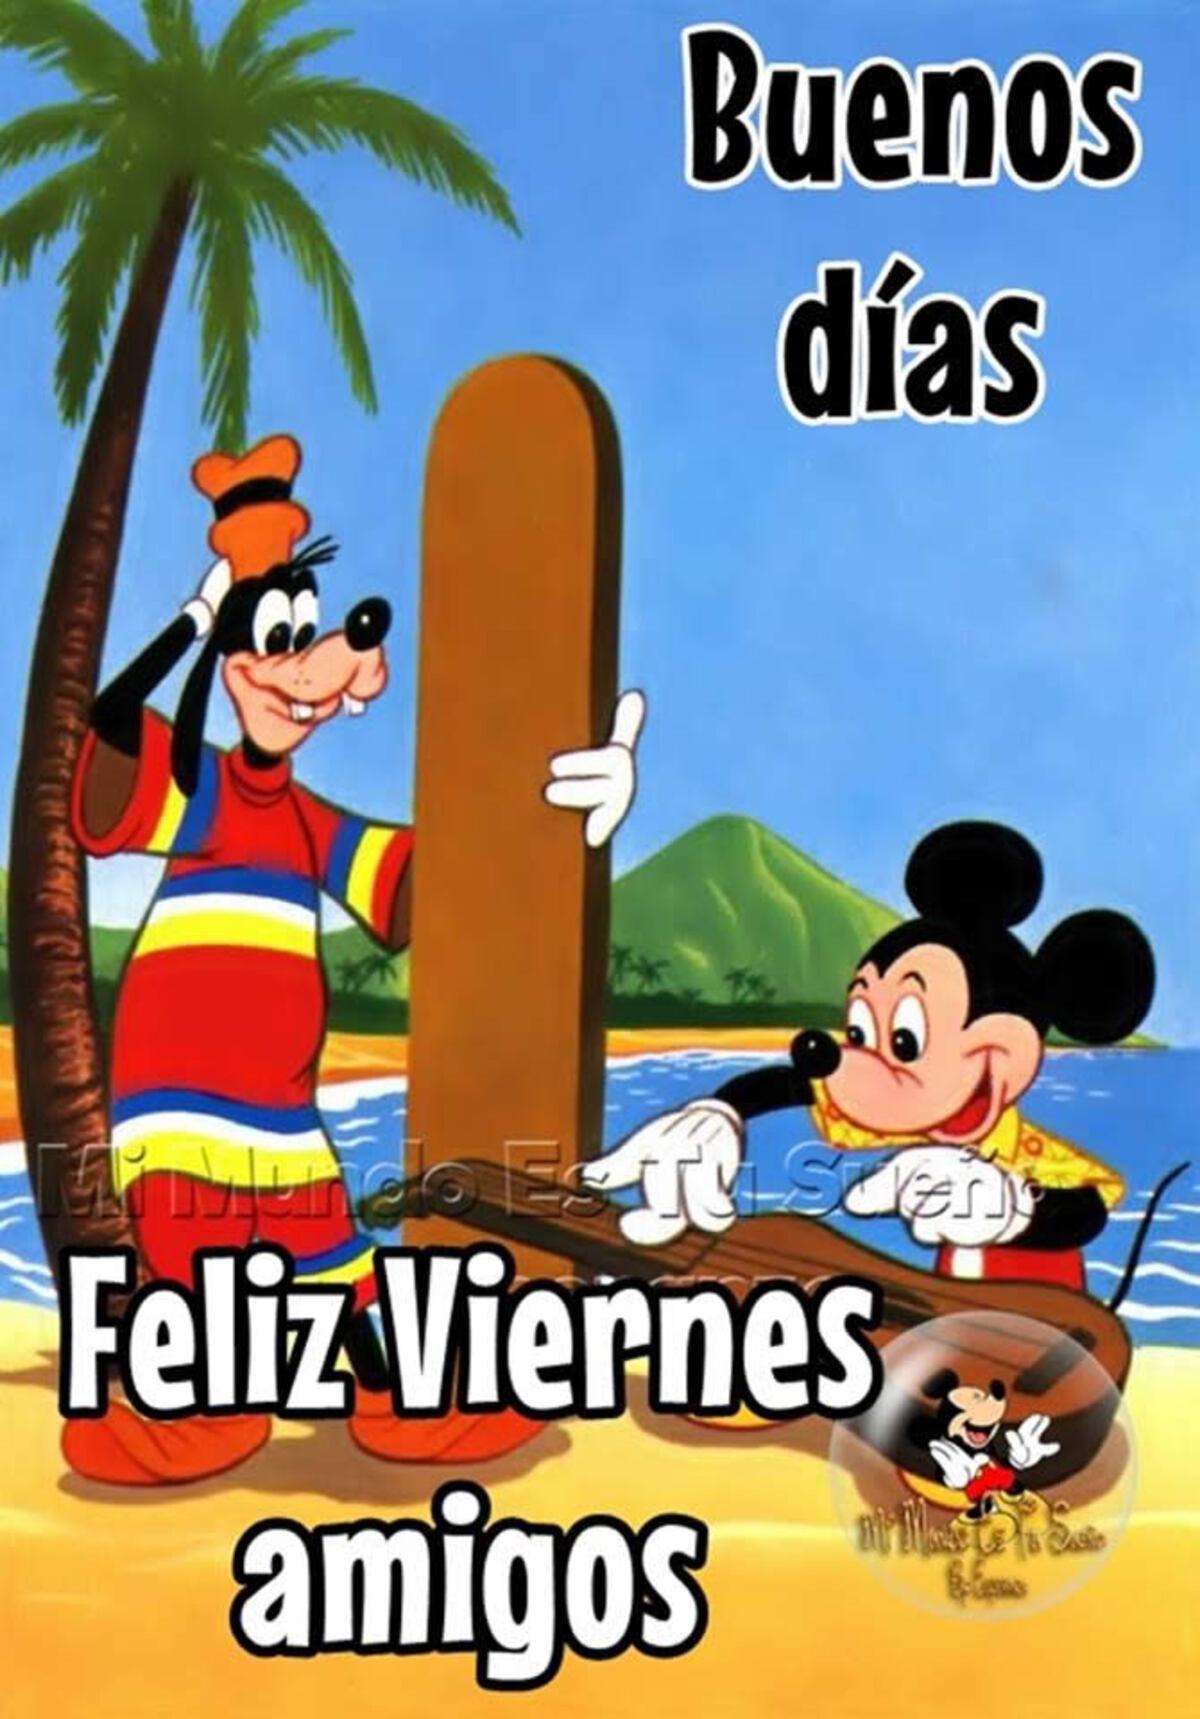 Buenos dias, feliz viernes amigos